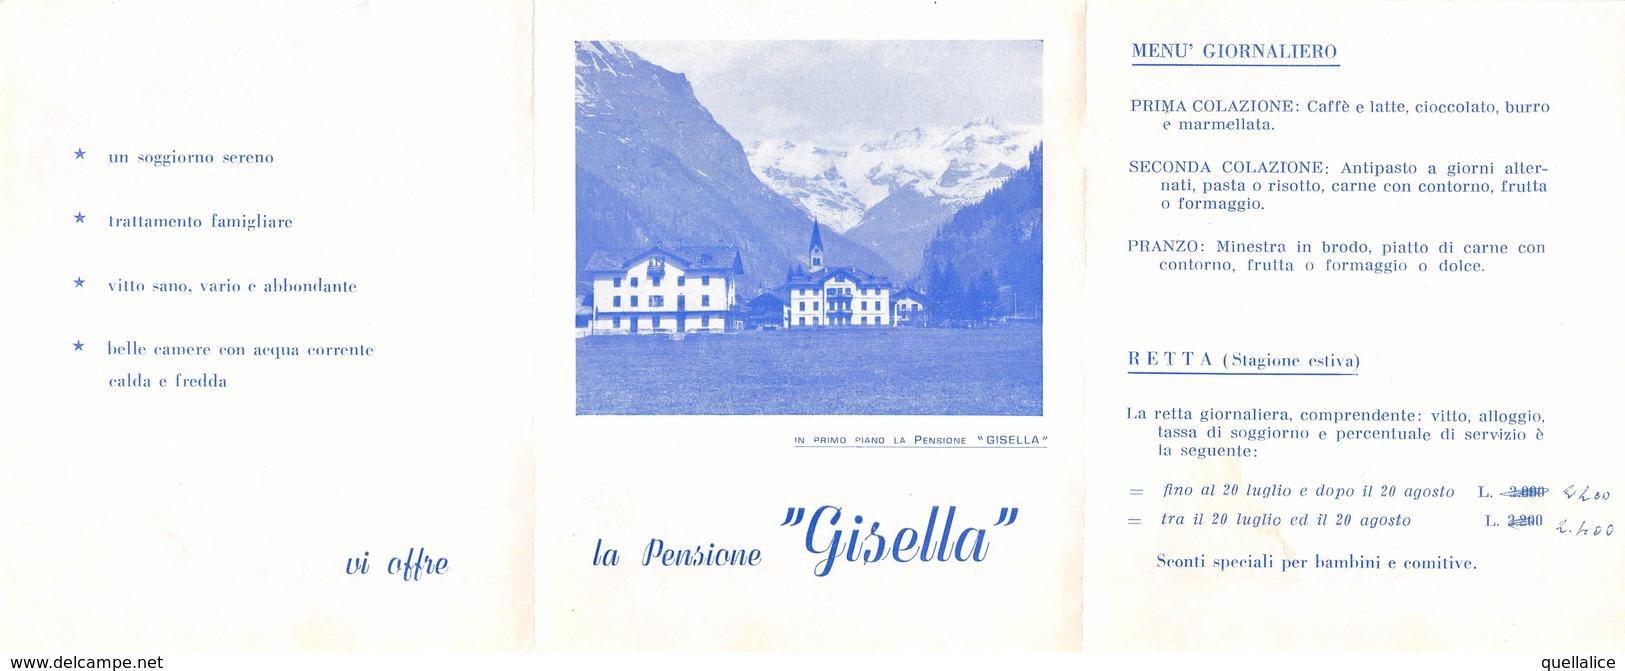 """0959 """"VALLE D'AOSTA - GRESSONEY ST. JEAN M. 1385 - LA PENSIONE GISELLA"""" DEPLIANT TURISTICO - Dépliants Touristiques"""